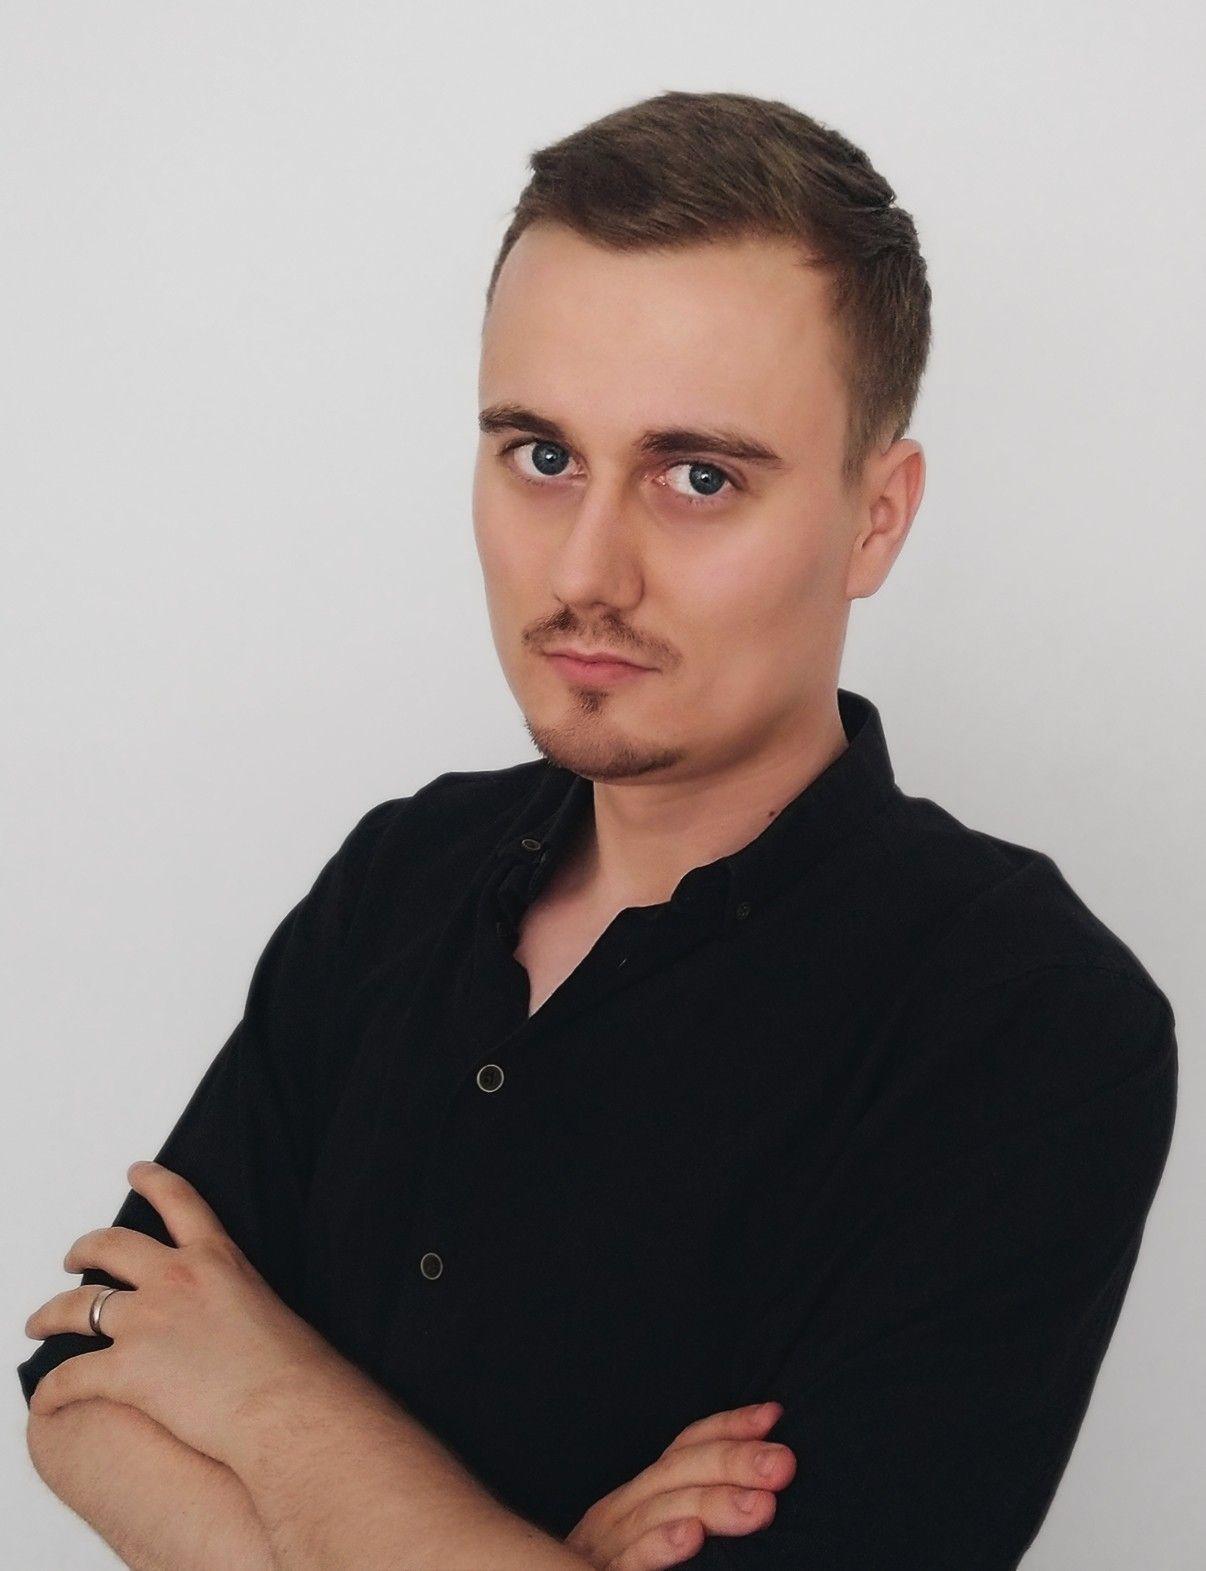 Krzysztof Kurzeja